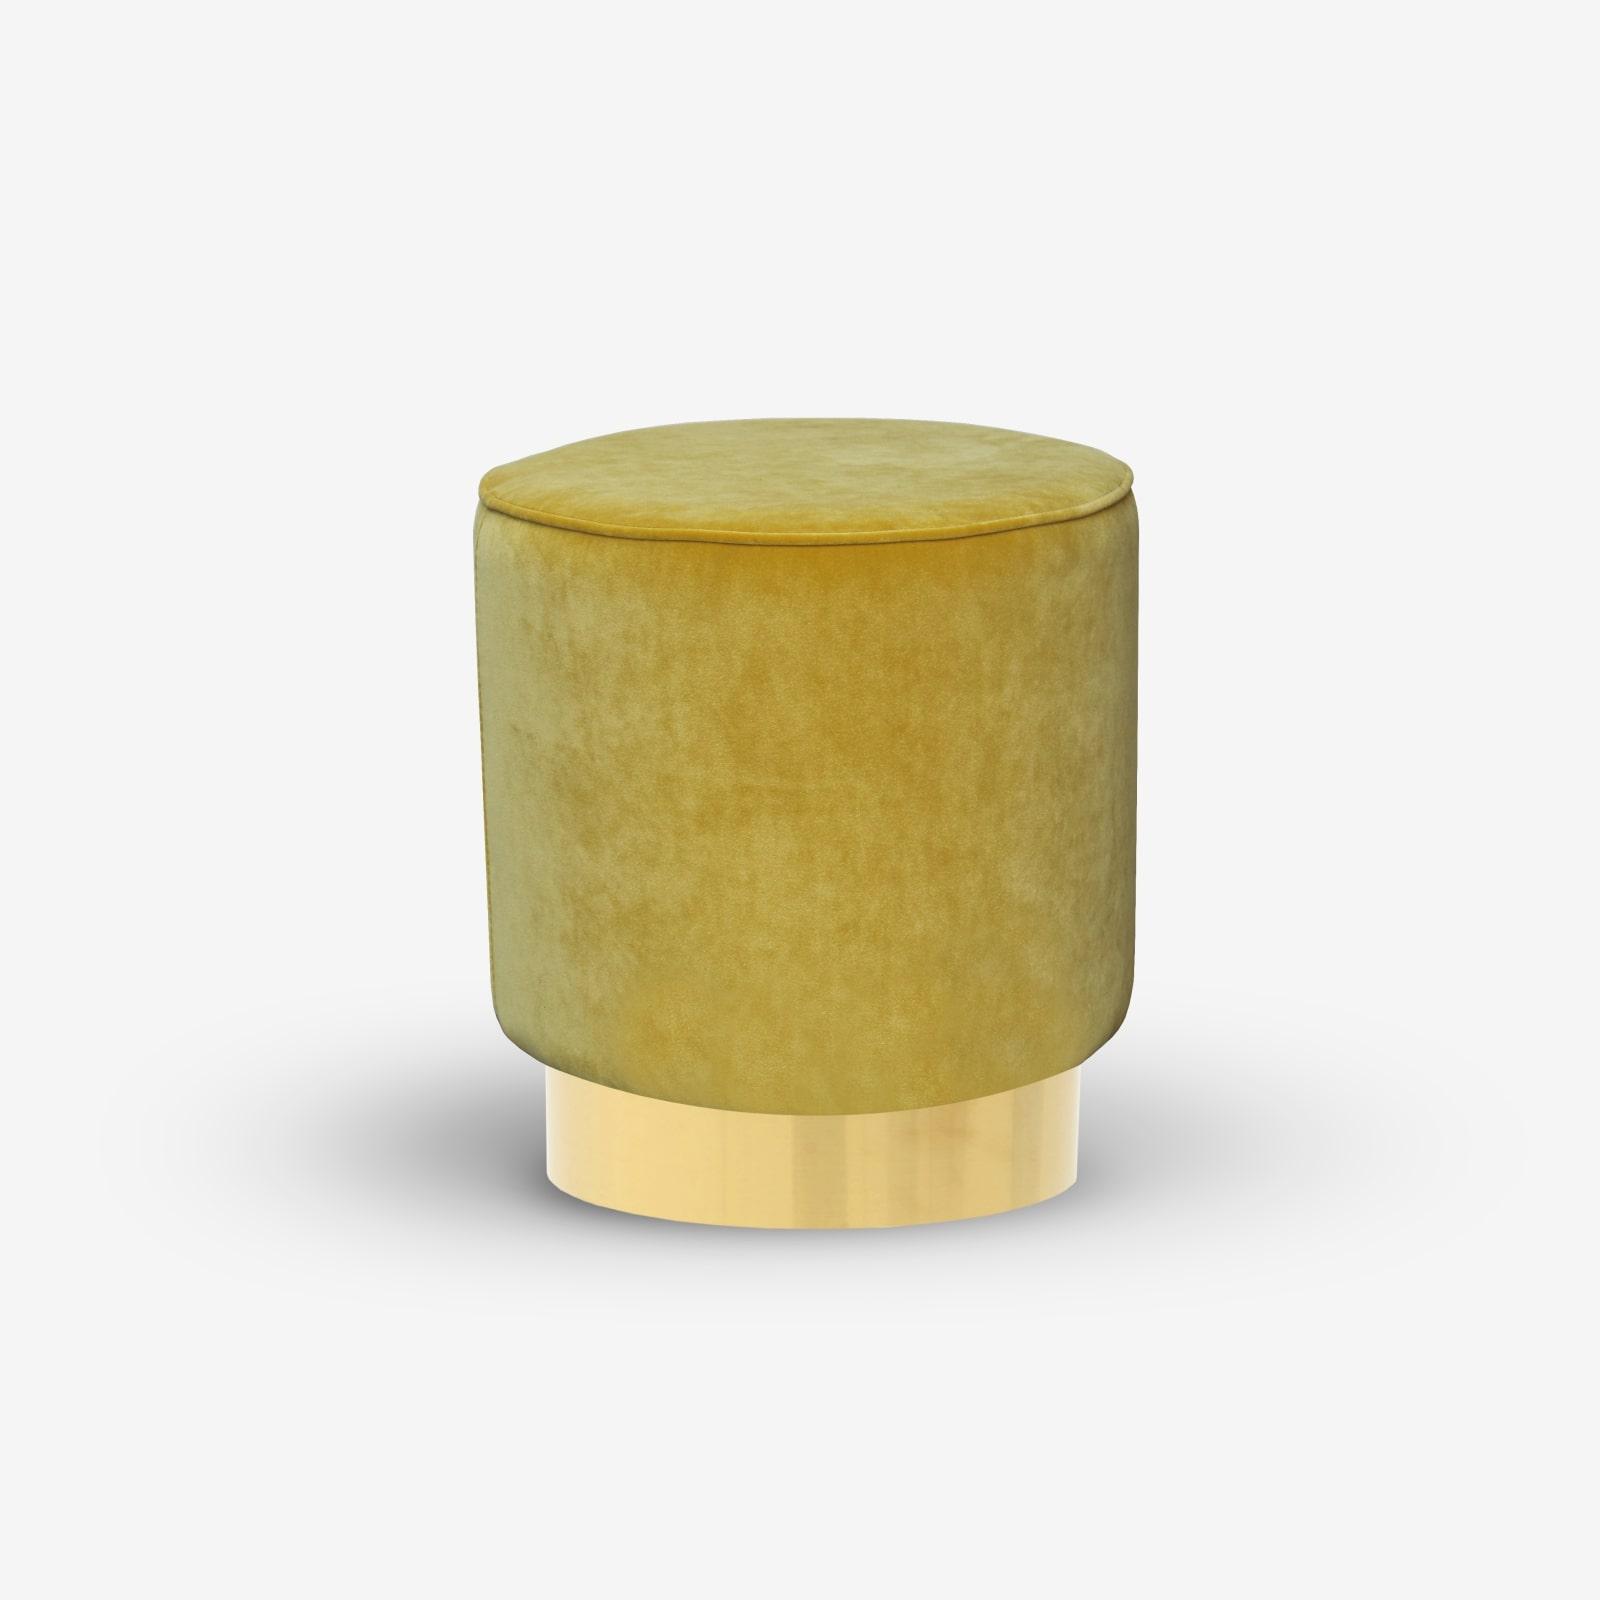 produzione-pouf-in-velluto-liscio-e-oro-pouf-in-metallo-oro-pouf-in-velluto-per-arredamento-contract-pouf-per-ristoranti-pouf-arredamento-bar-alberghi-negozi-uffici-OTTO-gol